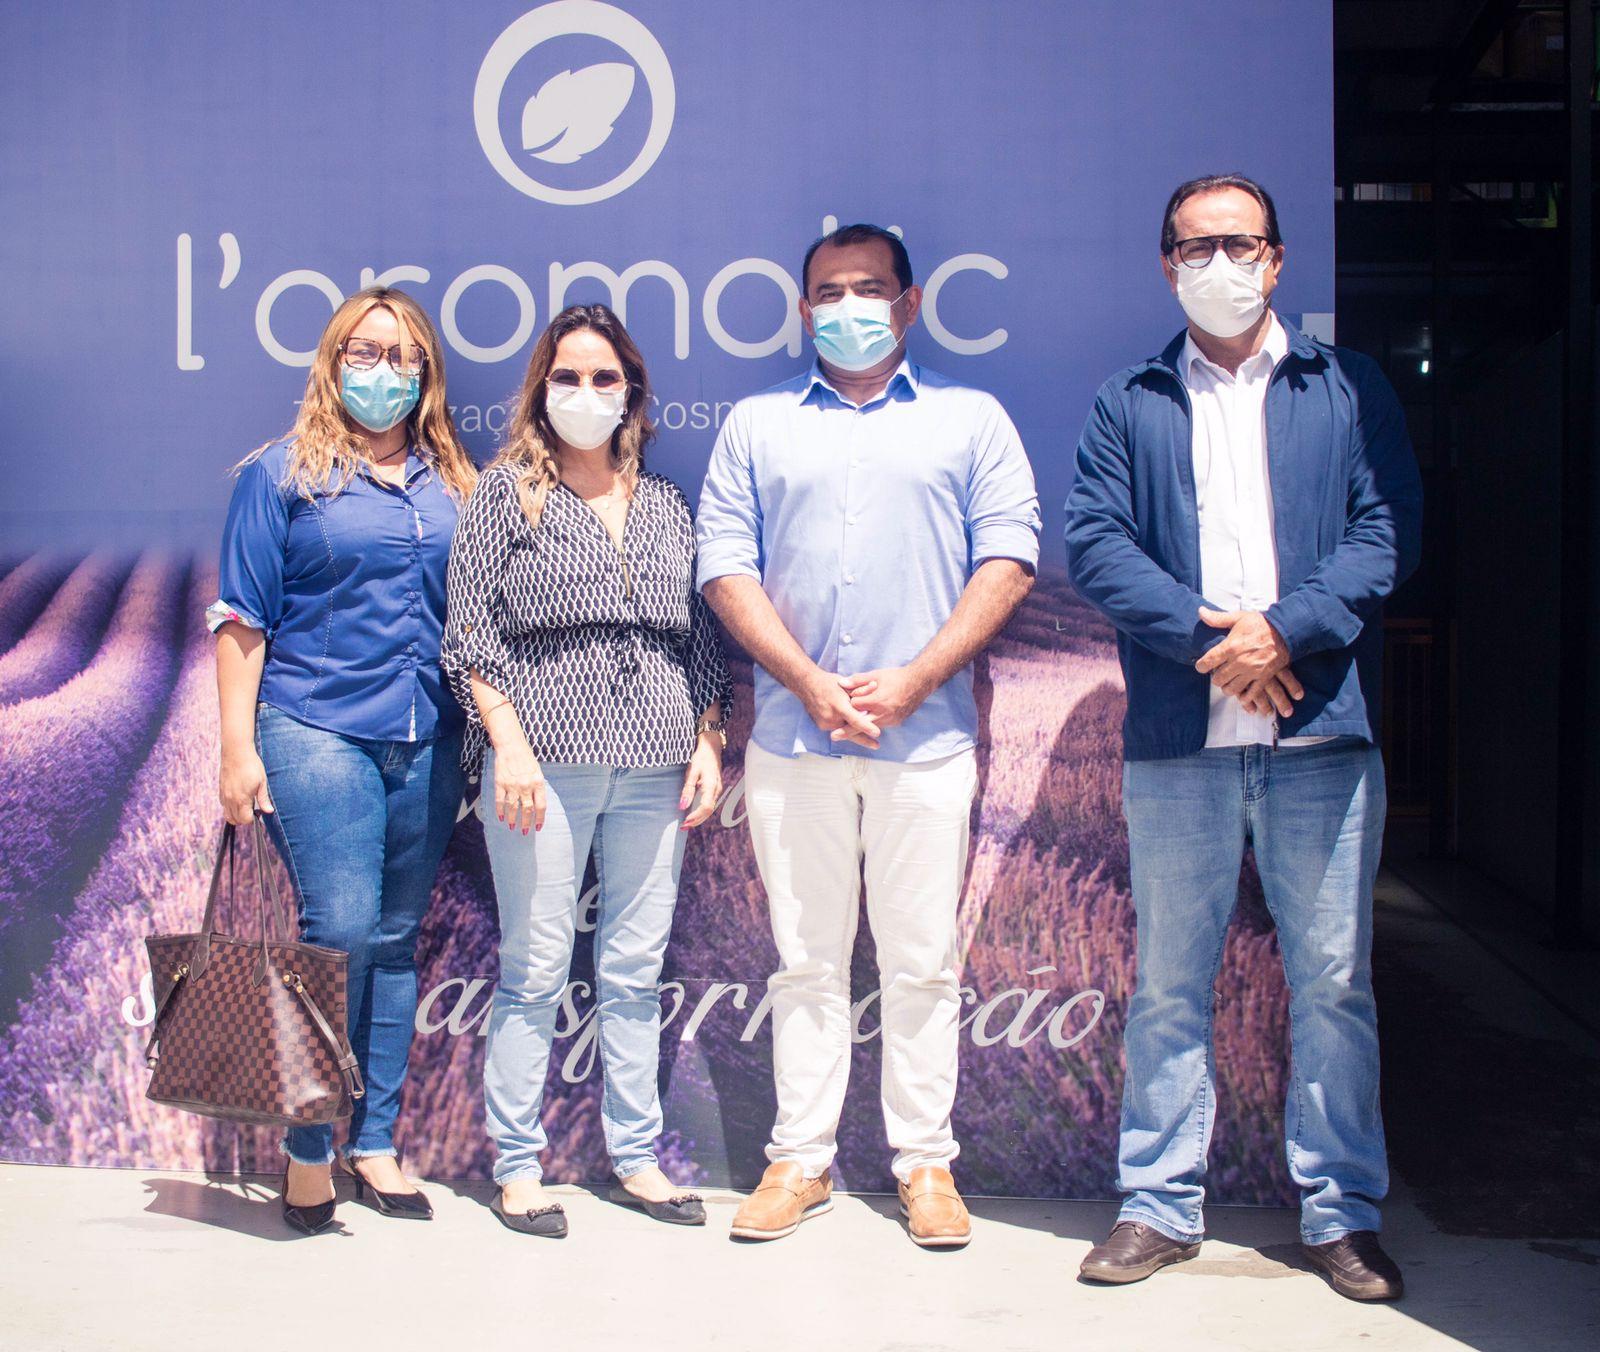 Indústria com atuação exclusiva na Terceirização de Cosmético e Perfumaria recebe visita do Vice-prefeito de Lauro de Freitas e Superintendente de Indústrias, Comércios e Serviços